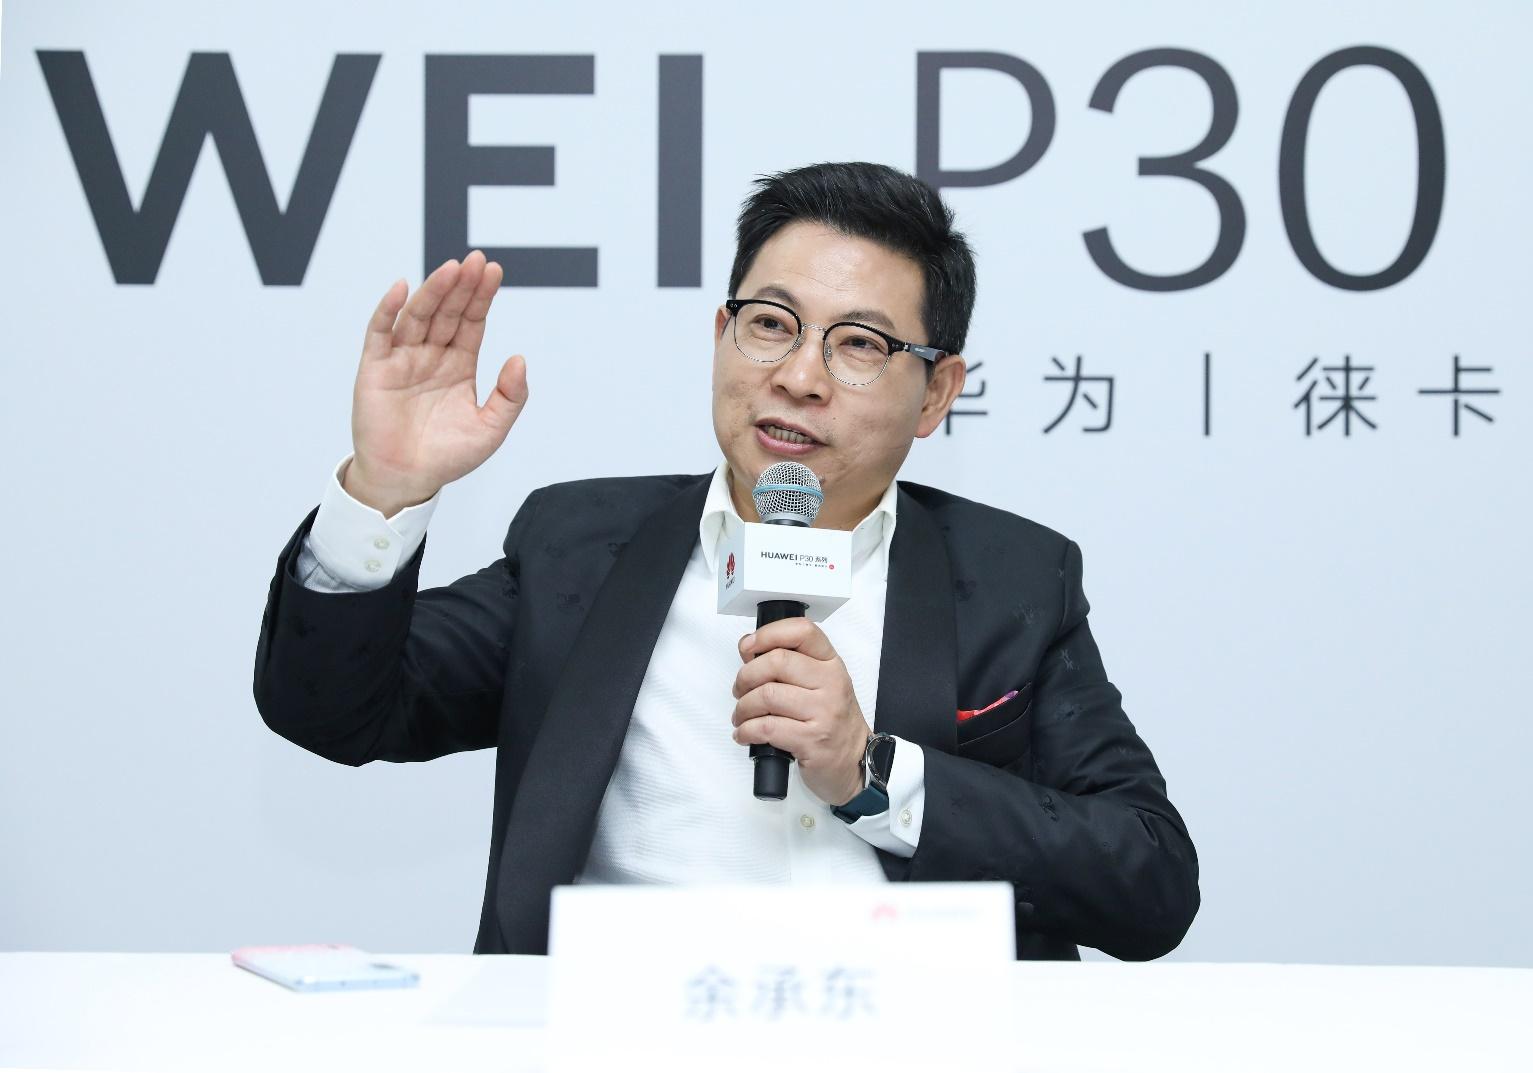 专访余承东:华为P30系列继续甩手机竞争对手一条街